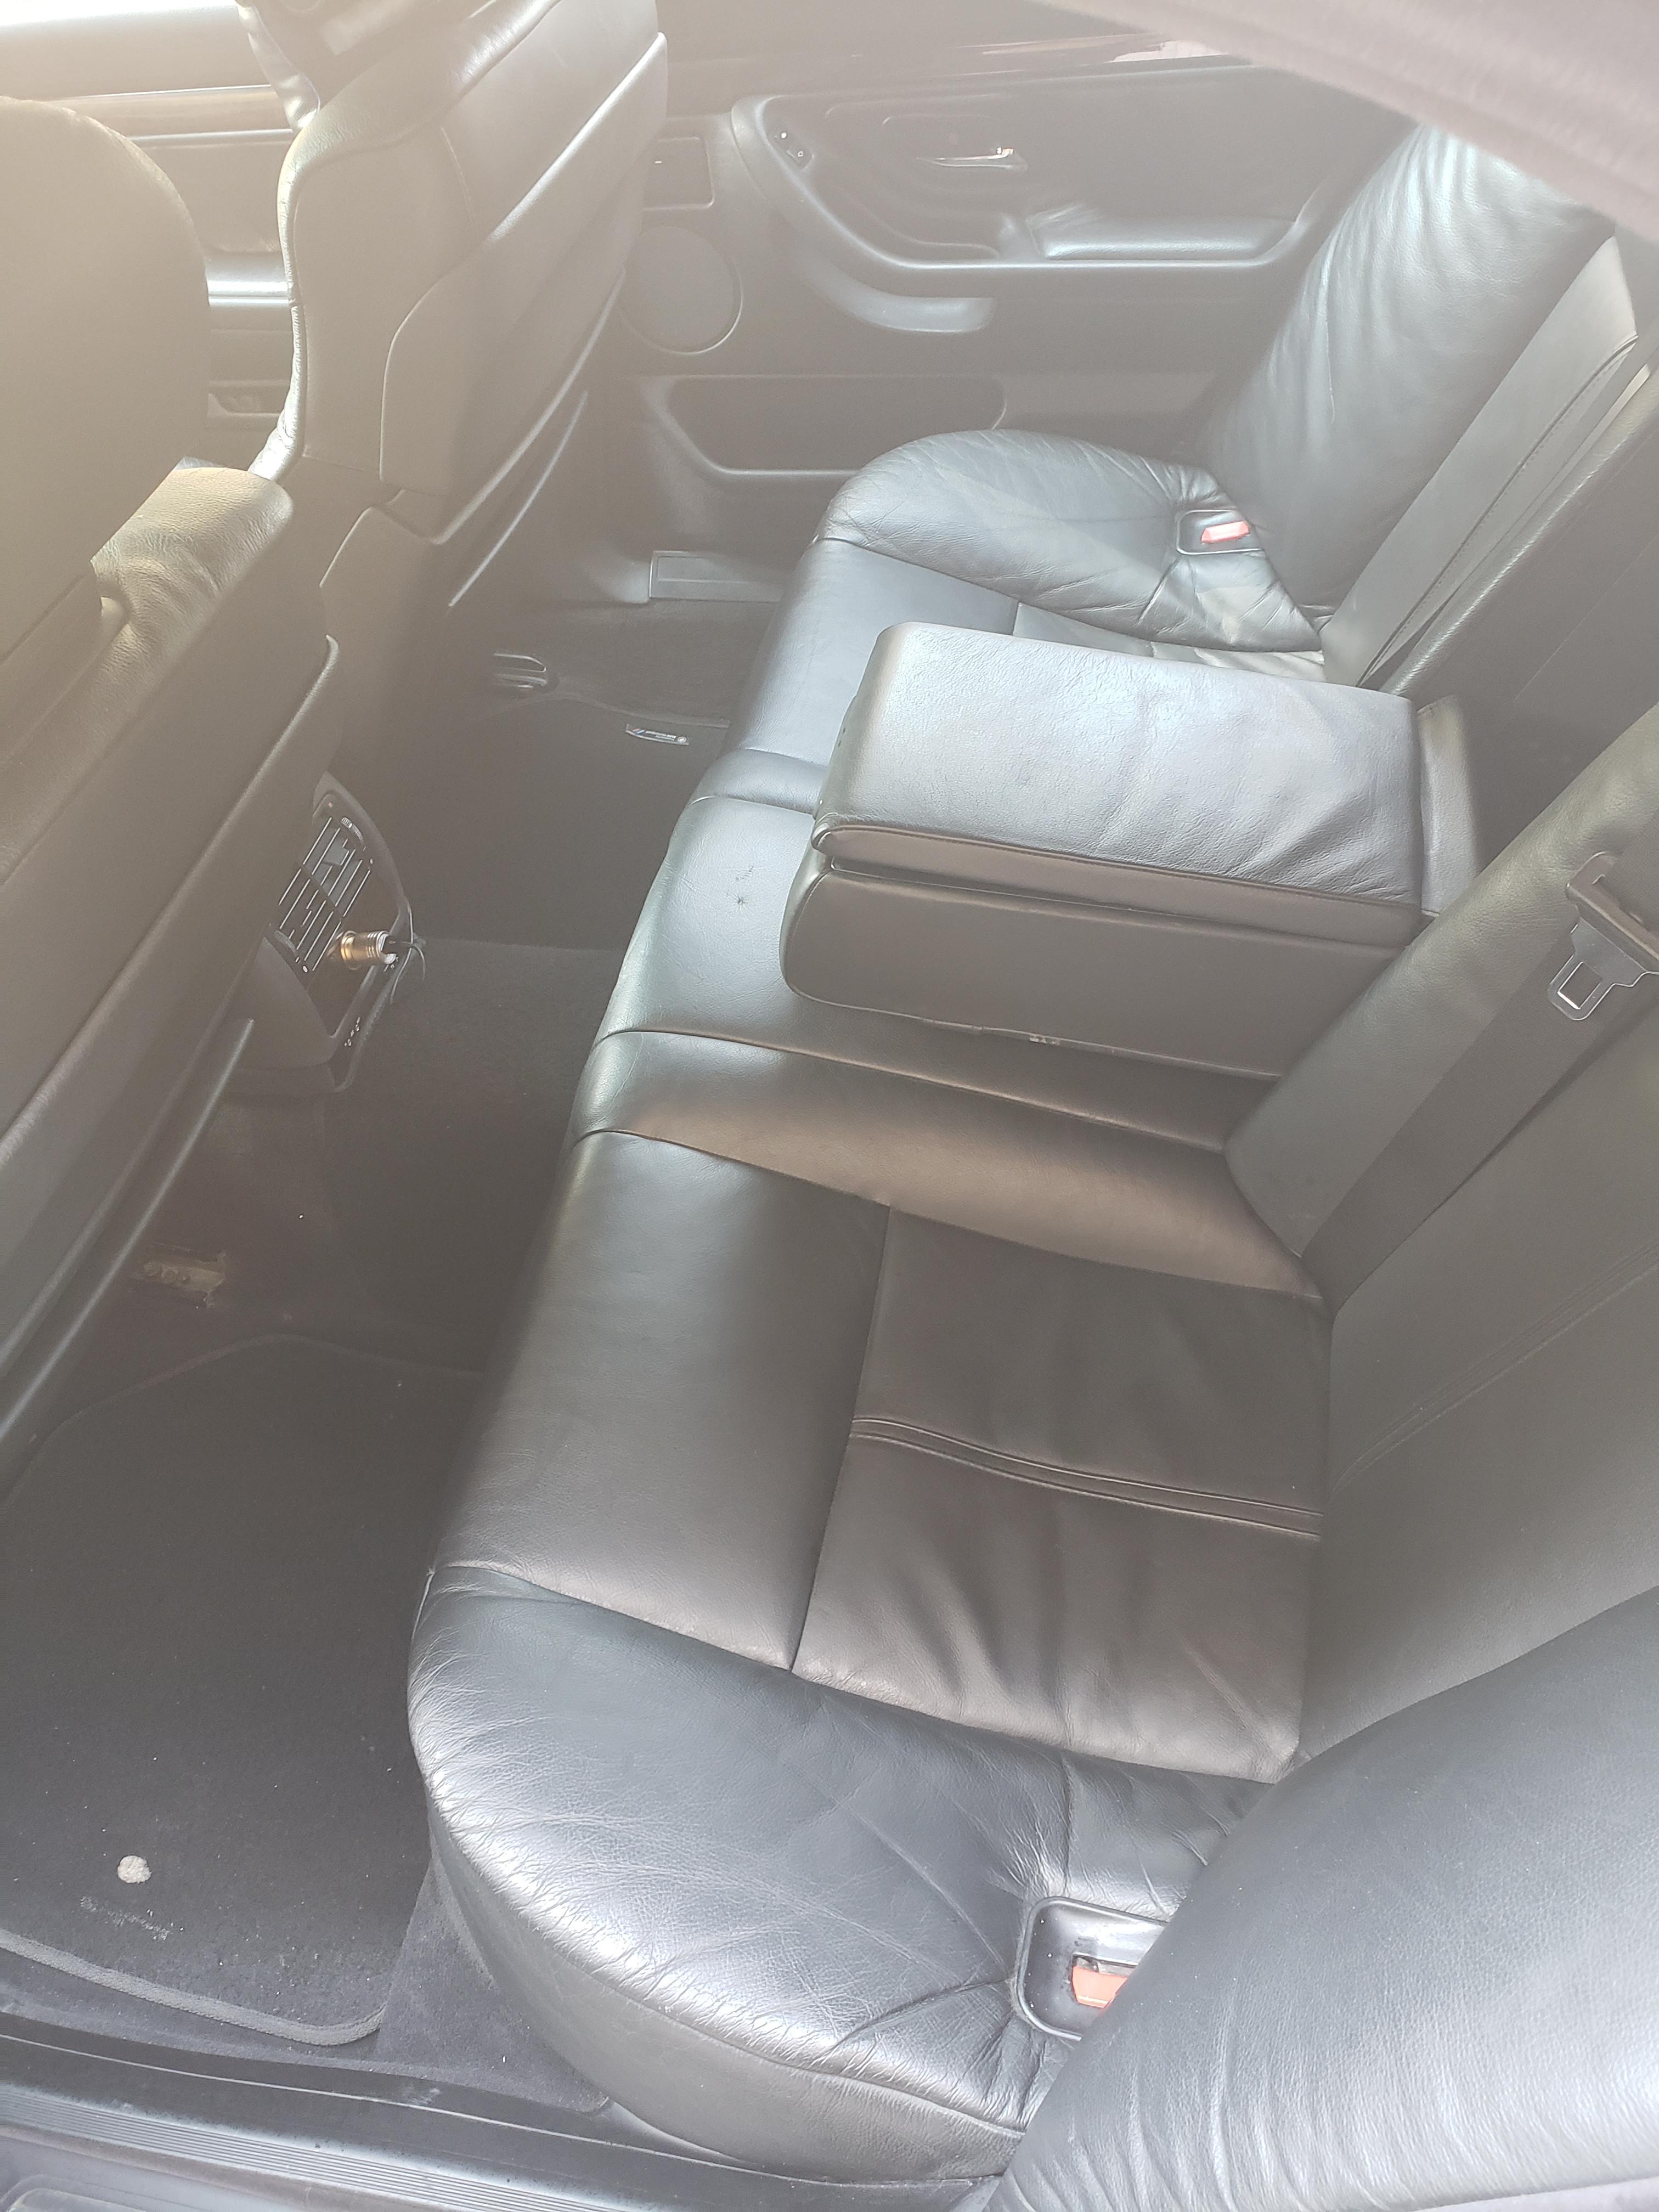 BMW 740 3.5(lt) 1997 Подержанный  $5100